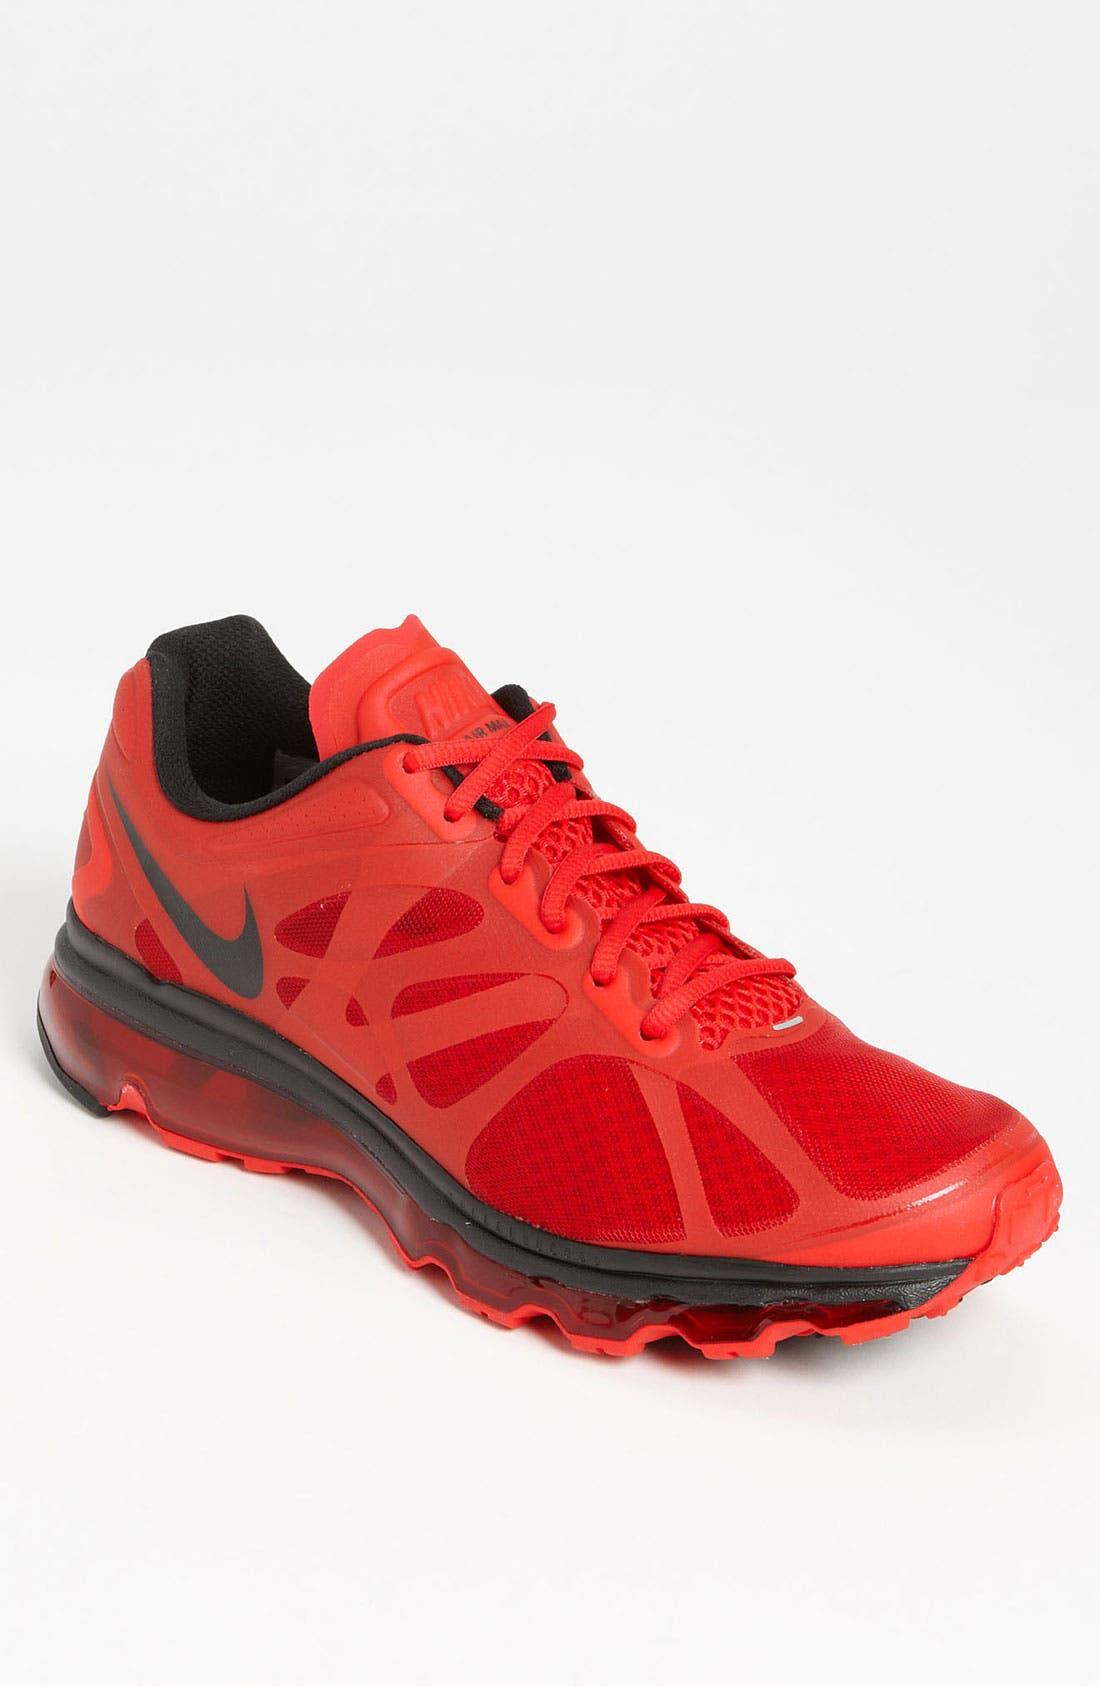 Alternate Image 1 Selected - Nike 'Air Max+ 2012' Running Shoe (Men)